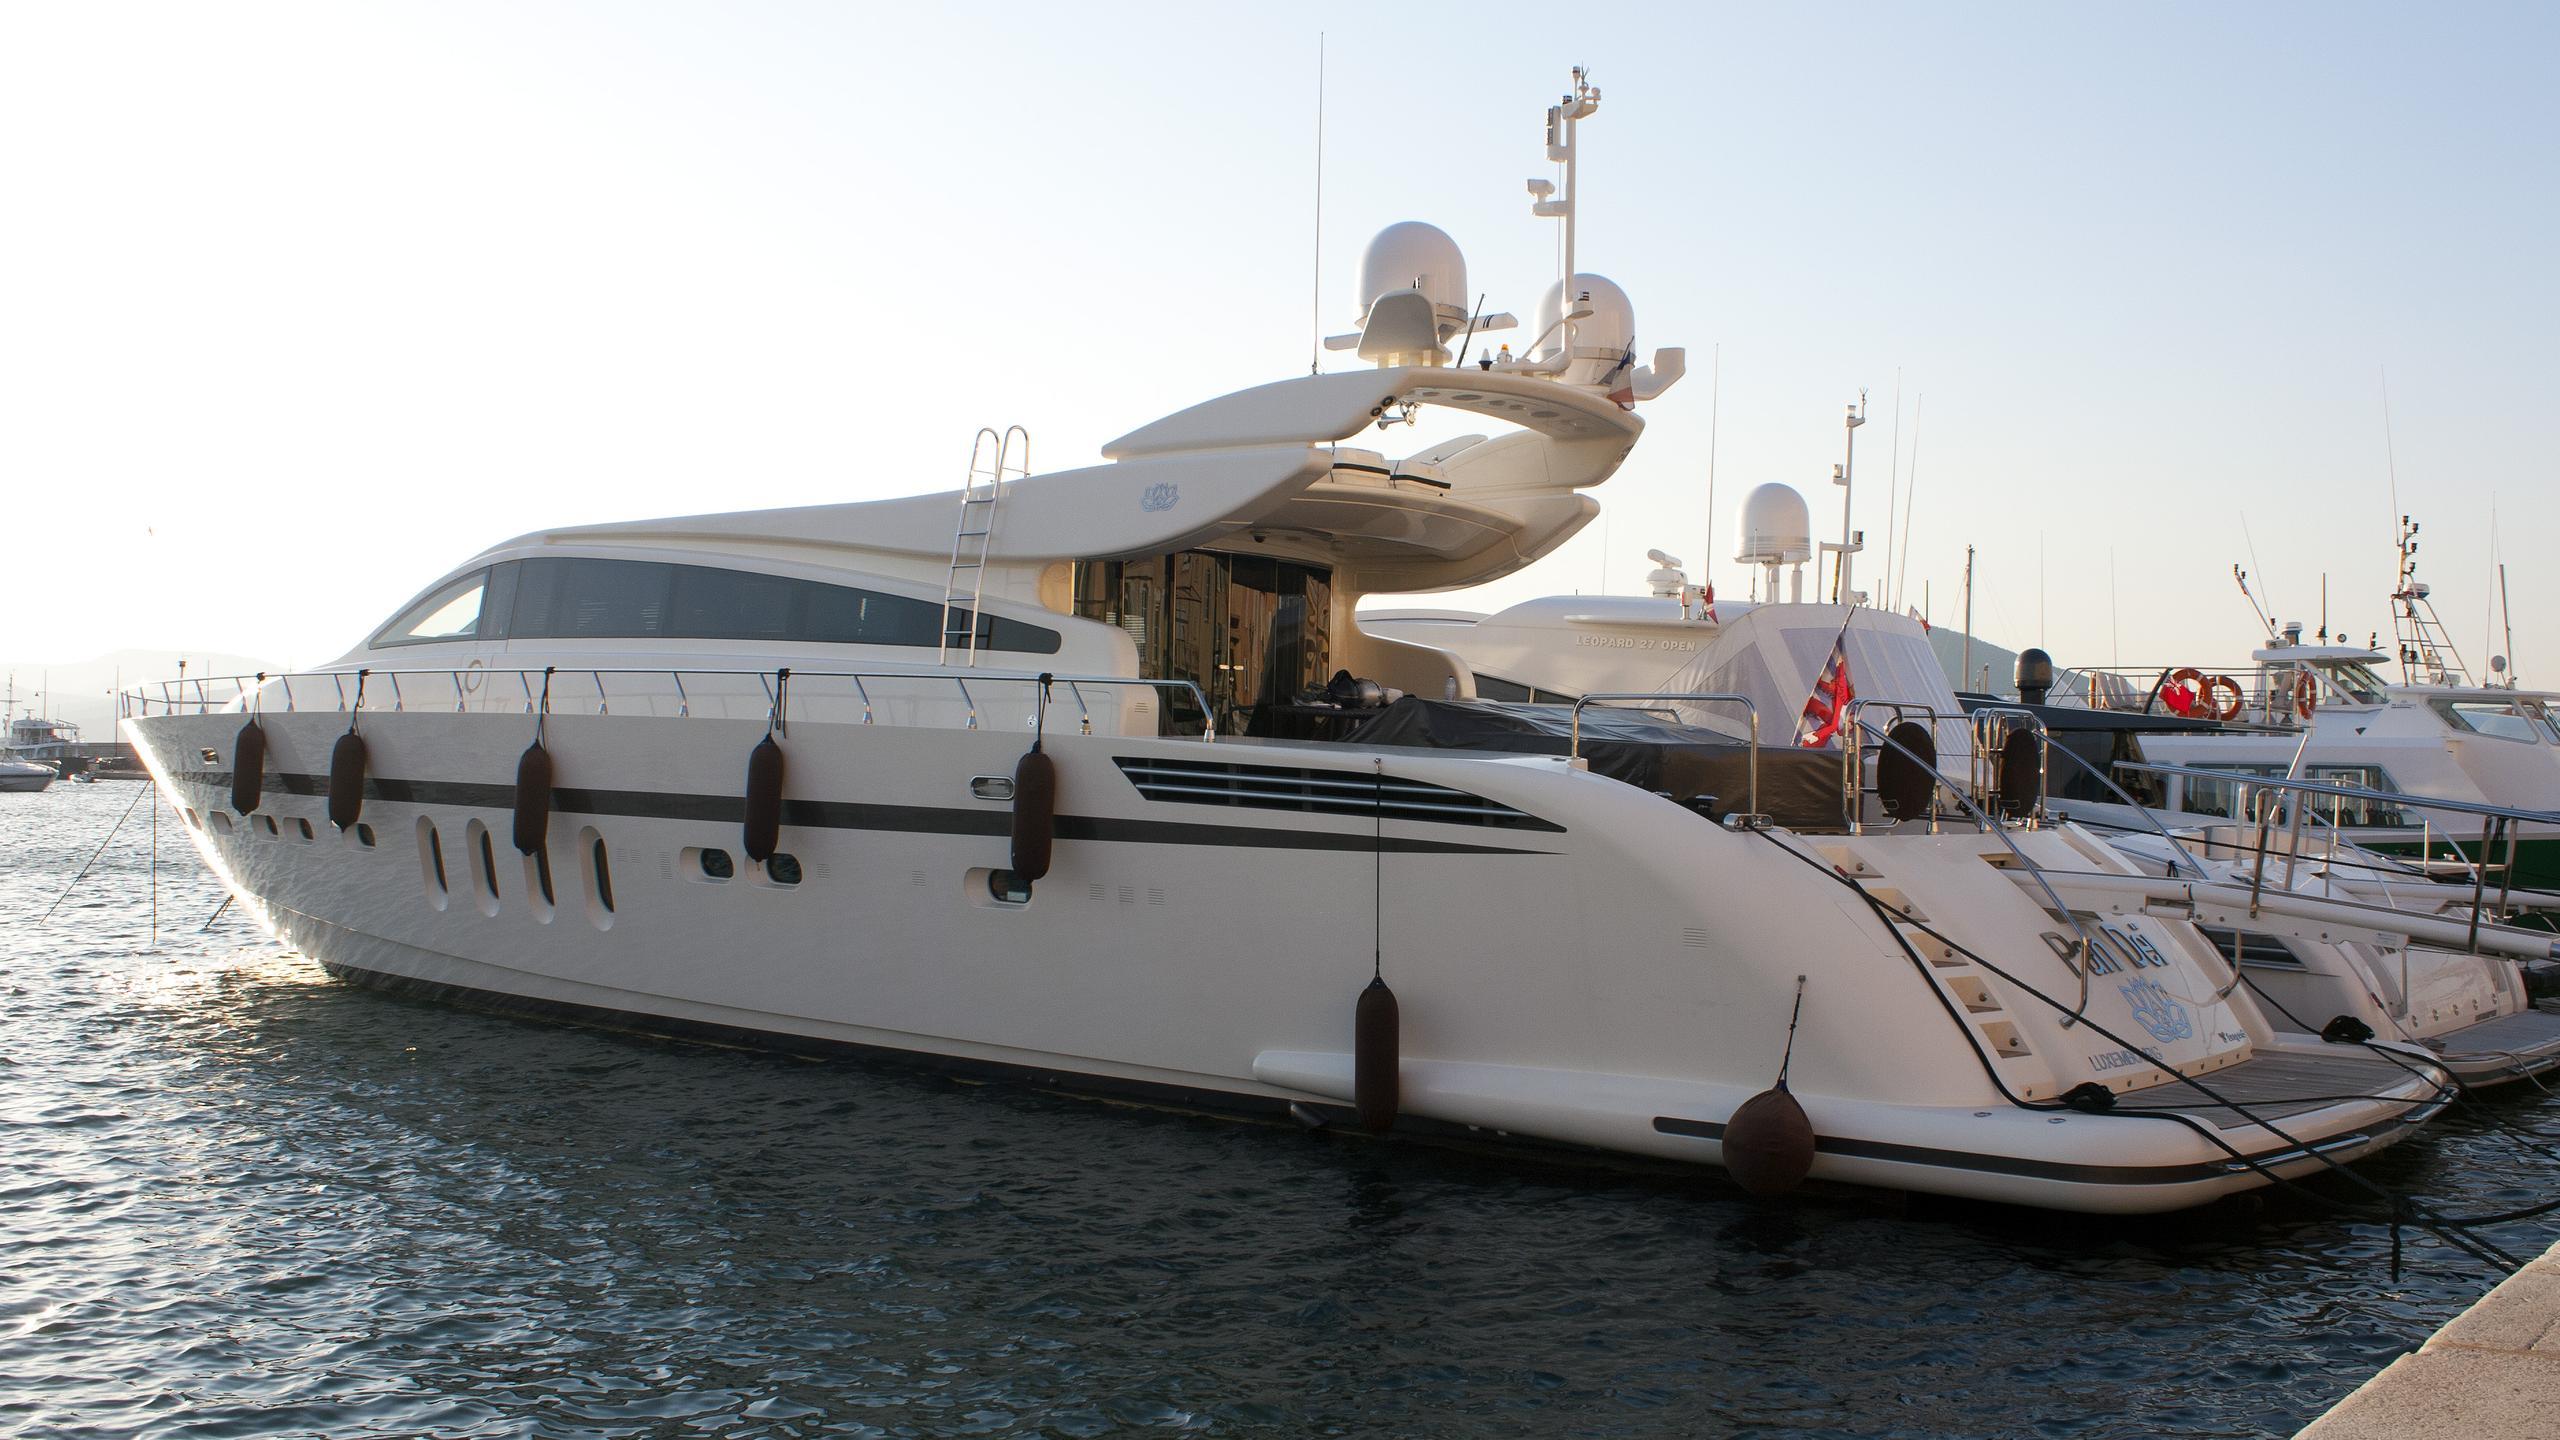 eclat-motor-yacht-arno-leopard-31-sport-2008-30m-profile